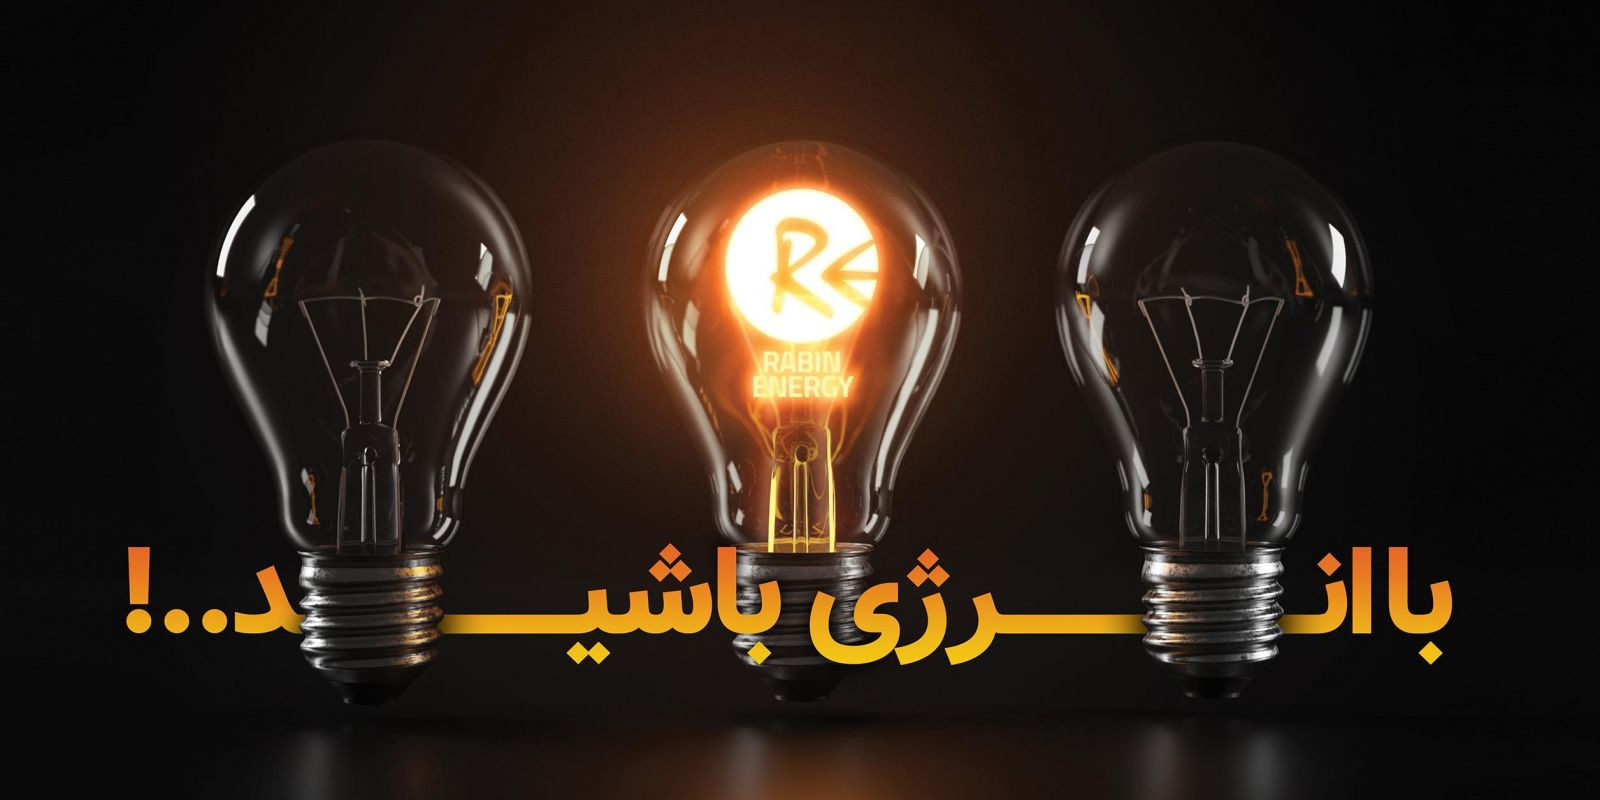 جایگاه رابین انرژی در صنعت